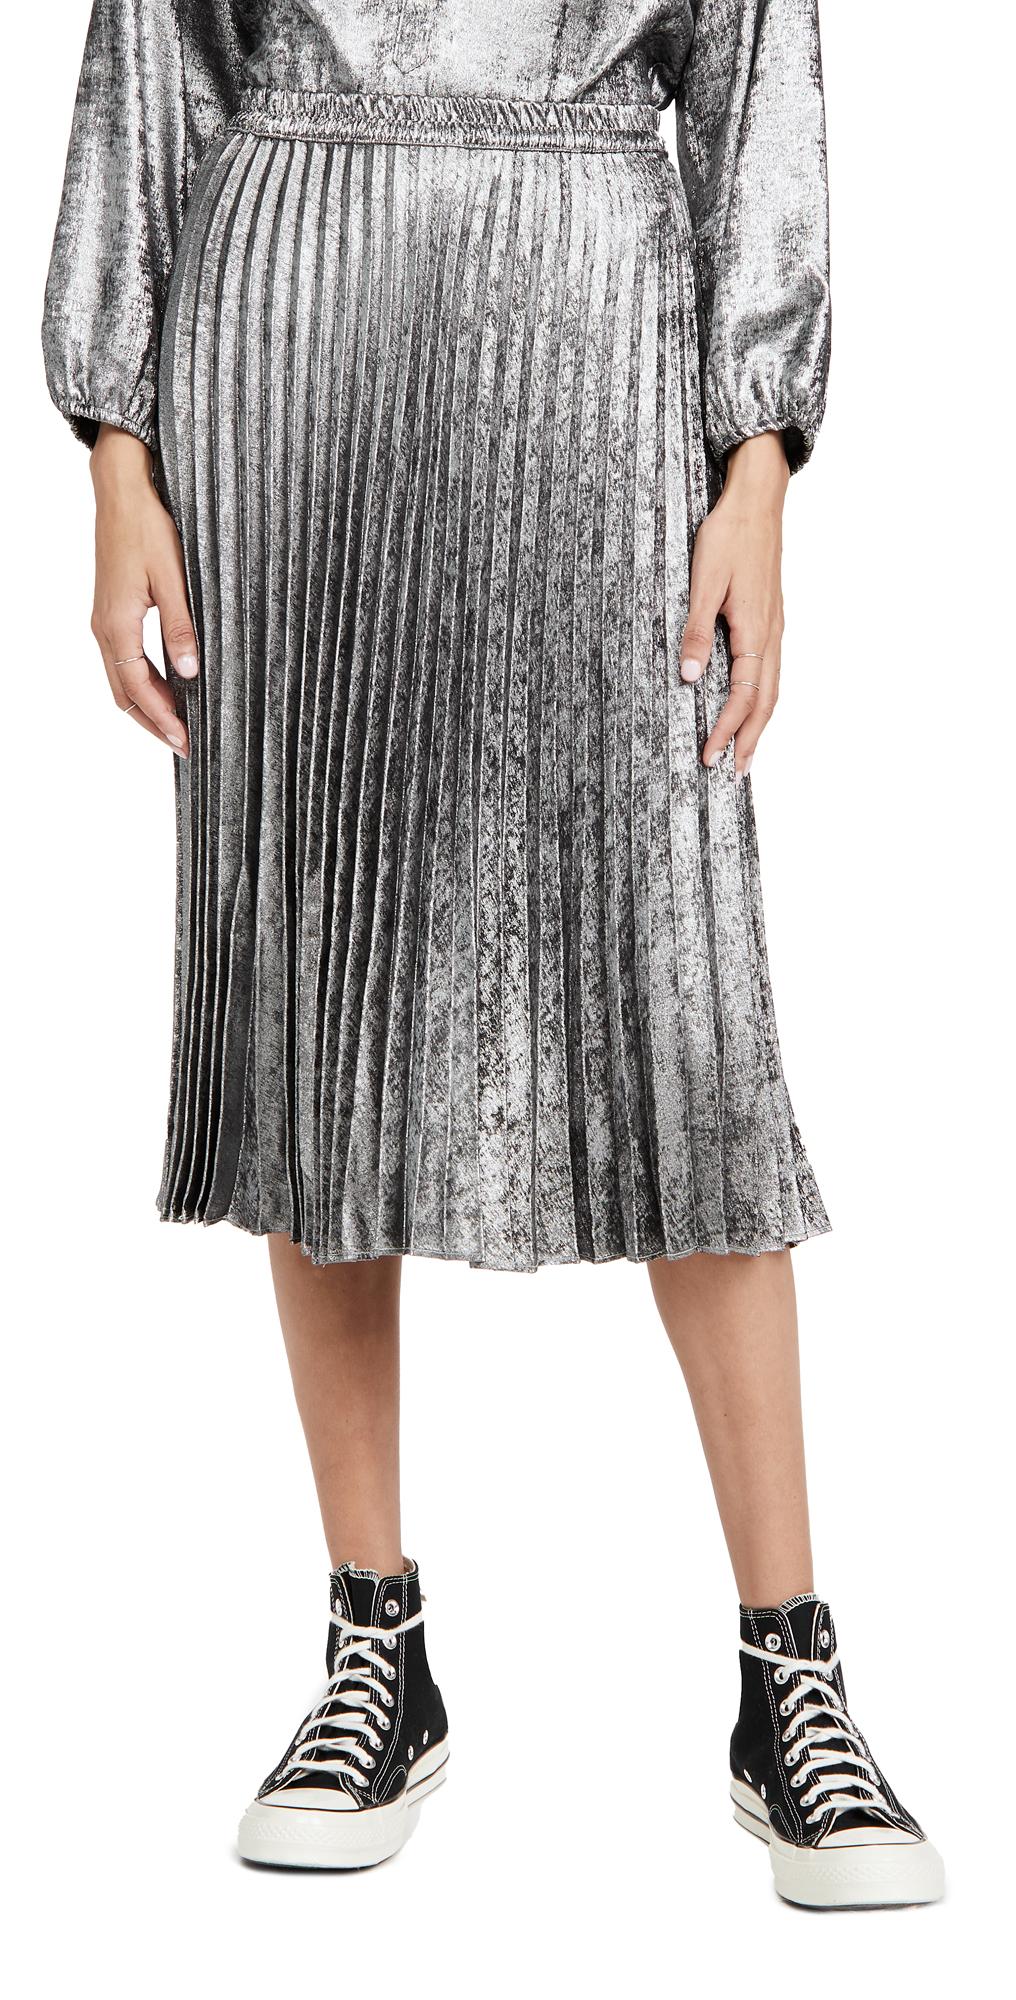 XIRENA Queen Skirt